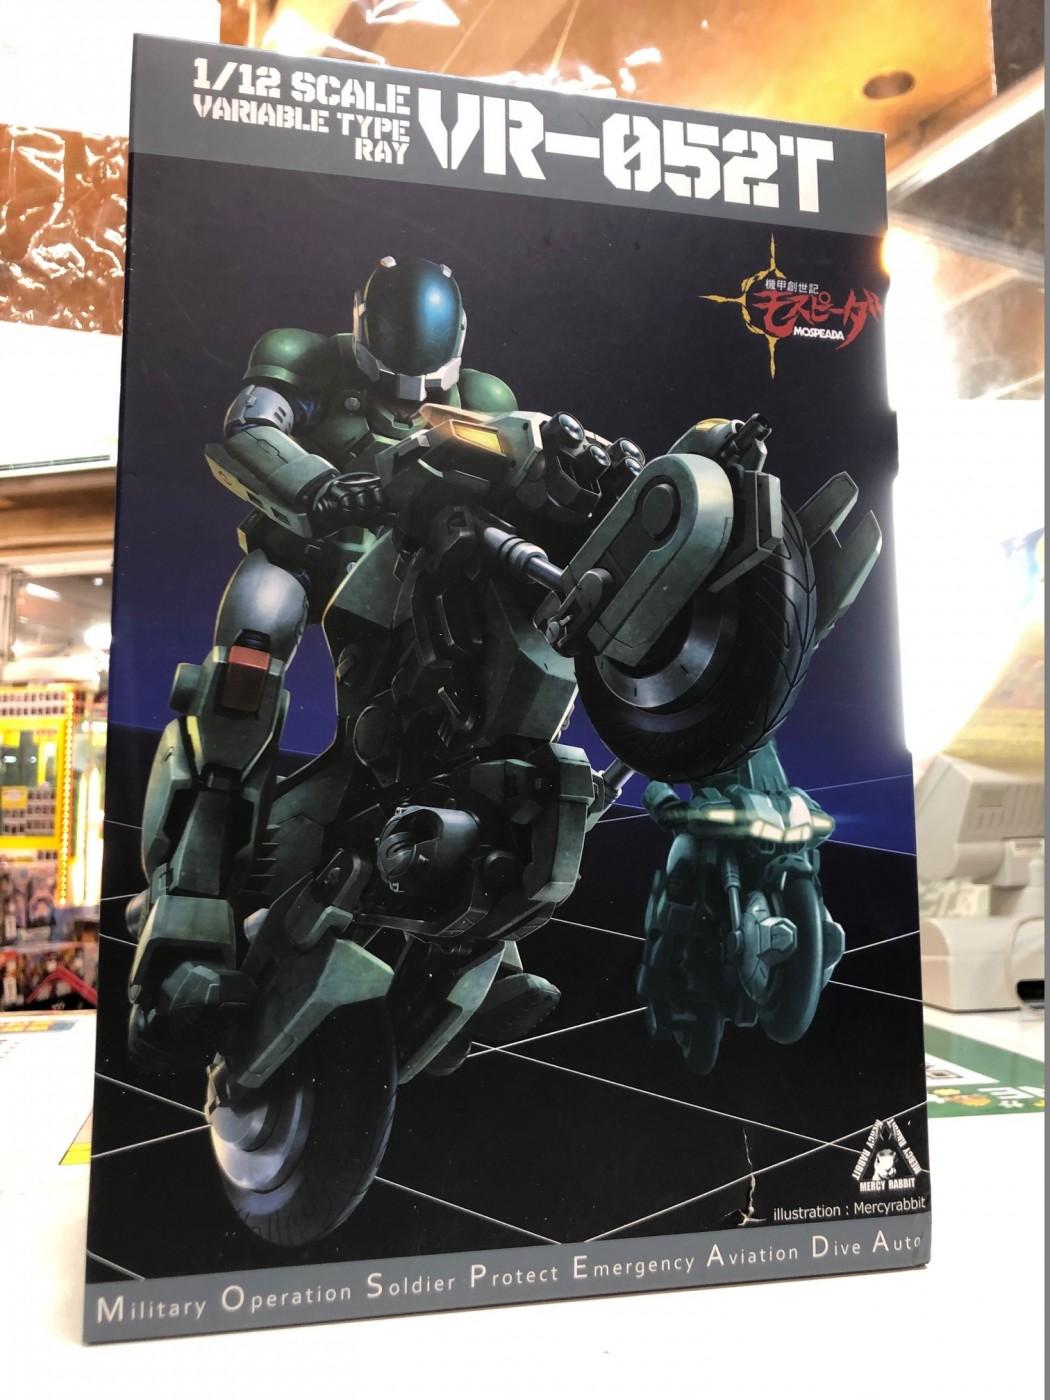 買取情報『千値練の機甲創世記モスピーダ 1/12 RIOBOT VR-052T モスピーダ レイ』